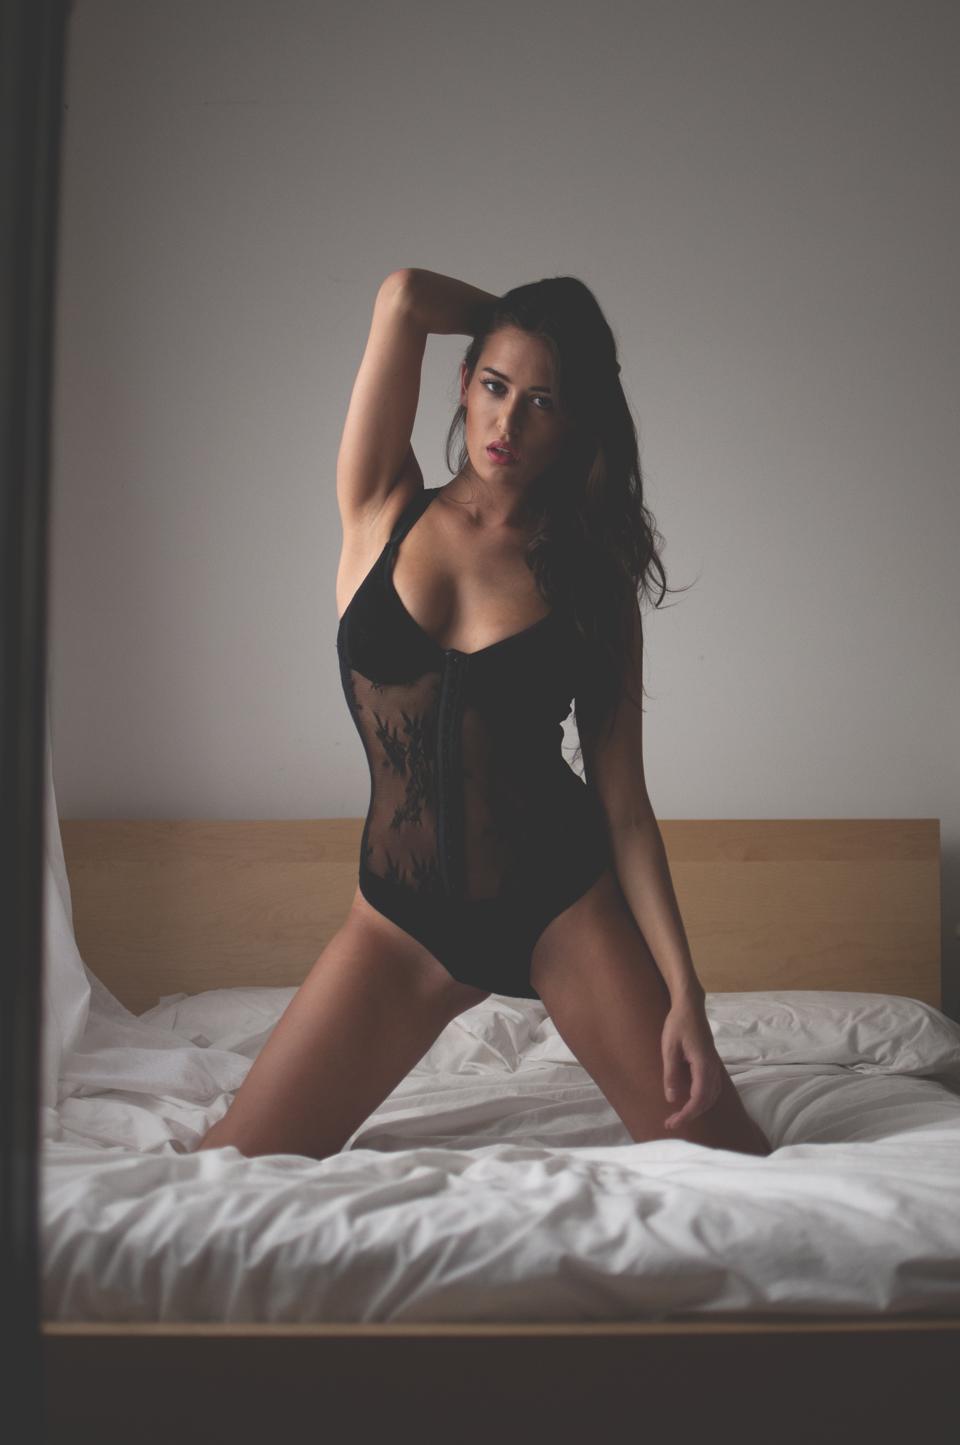 Lauren bed4